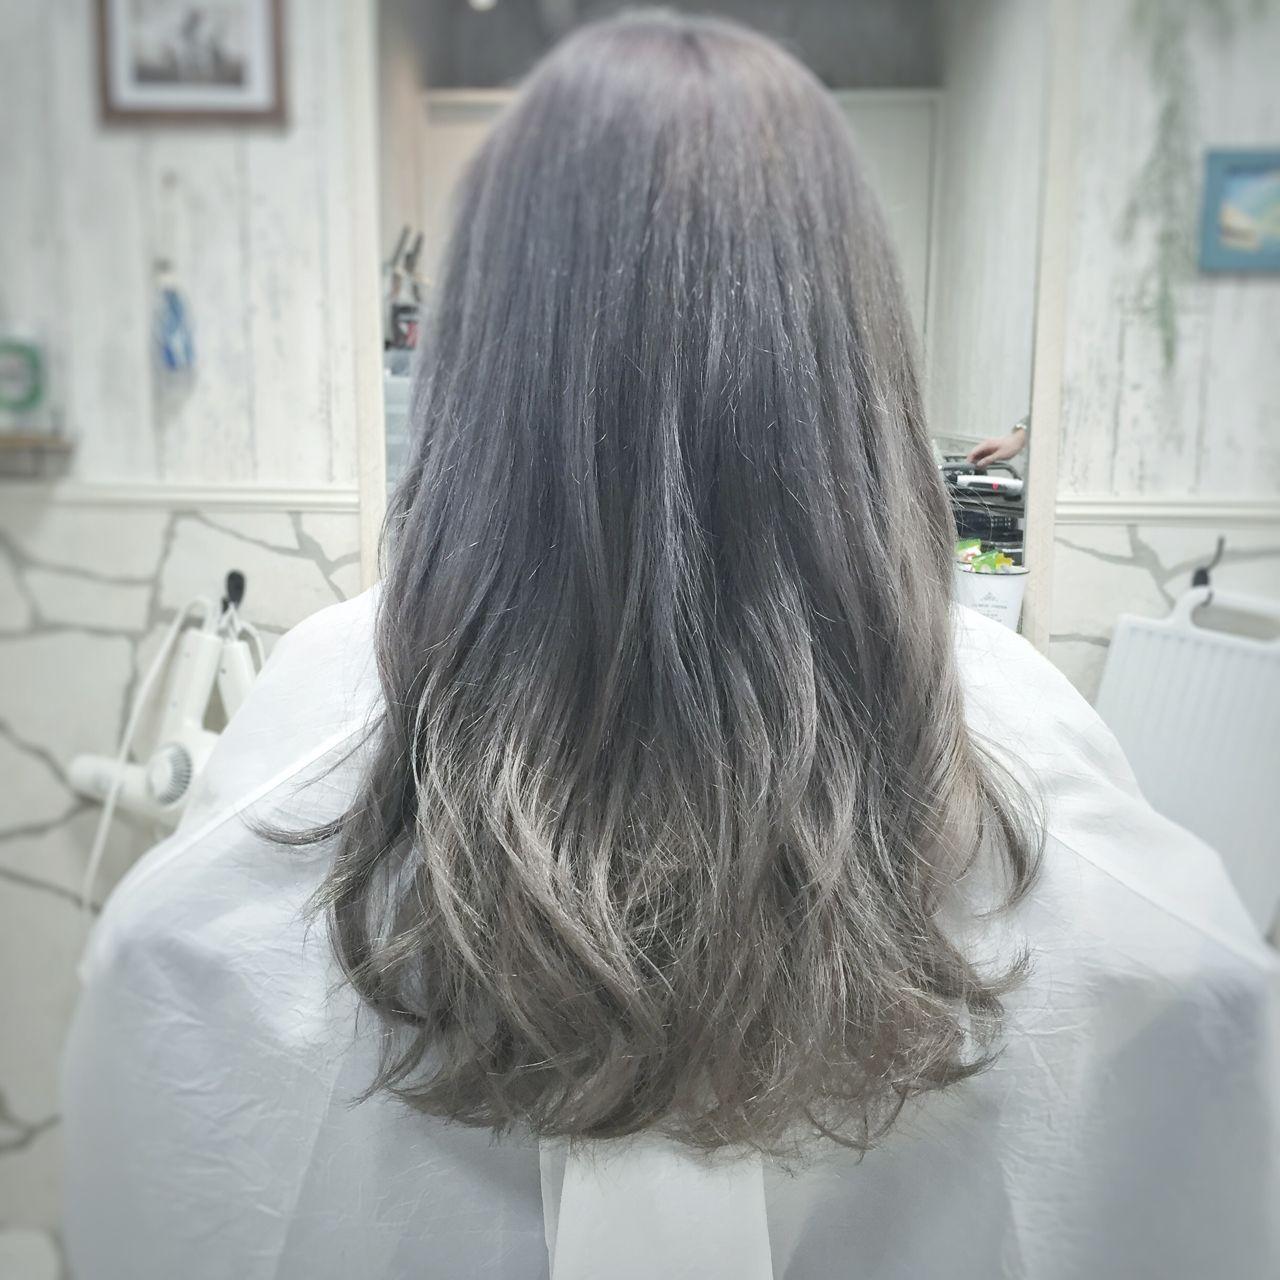 ブリーチなしで実現のアッシュグレー髪カタログ♪暗さ・明るさ自由